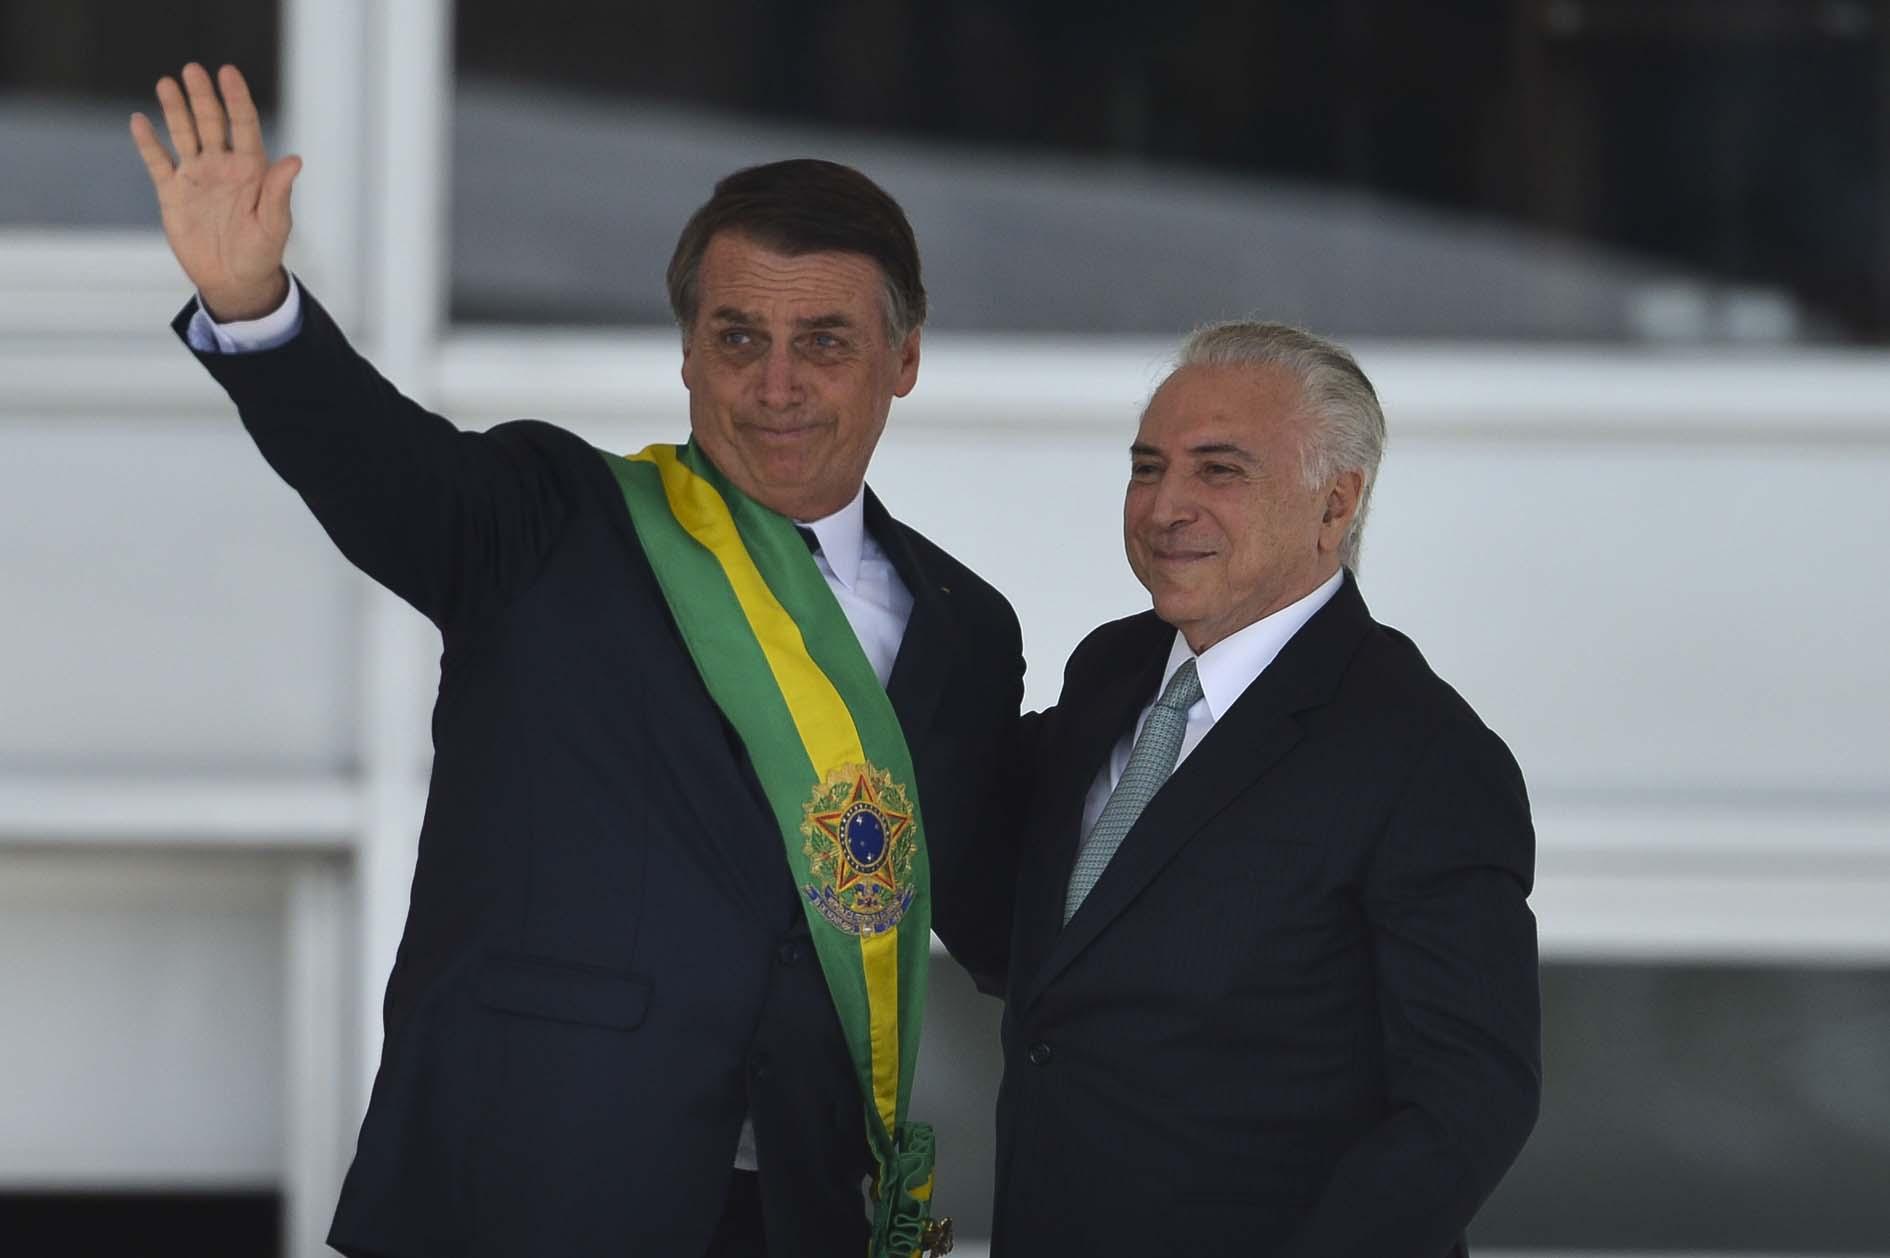 """Em fala ao público, Bolsonaro diz que """"brasileiro pode sonhar com vida melhor"""""""